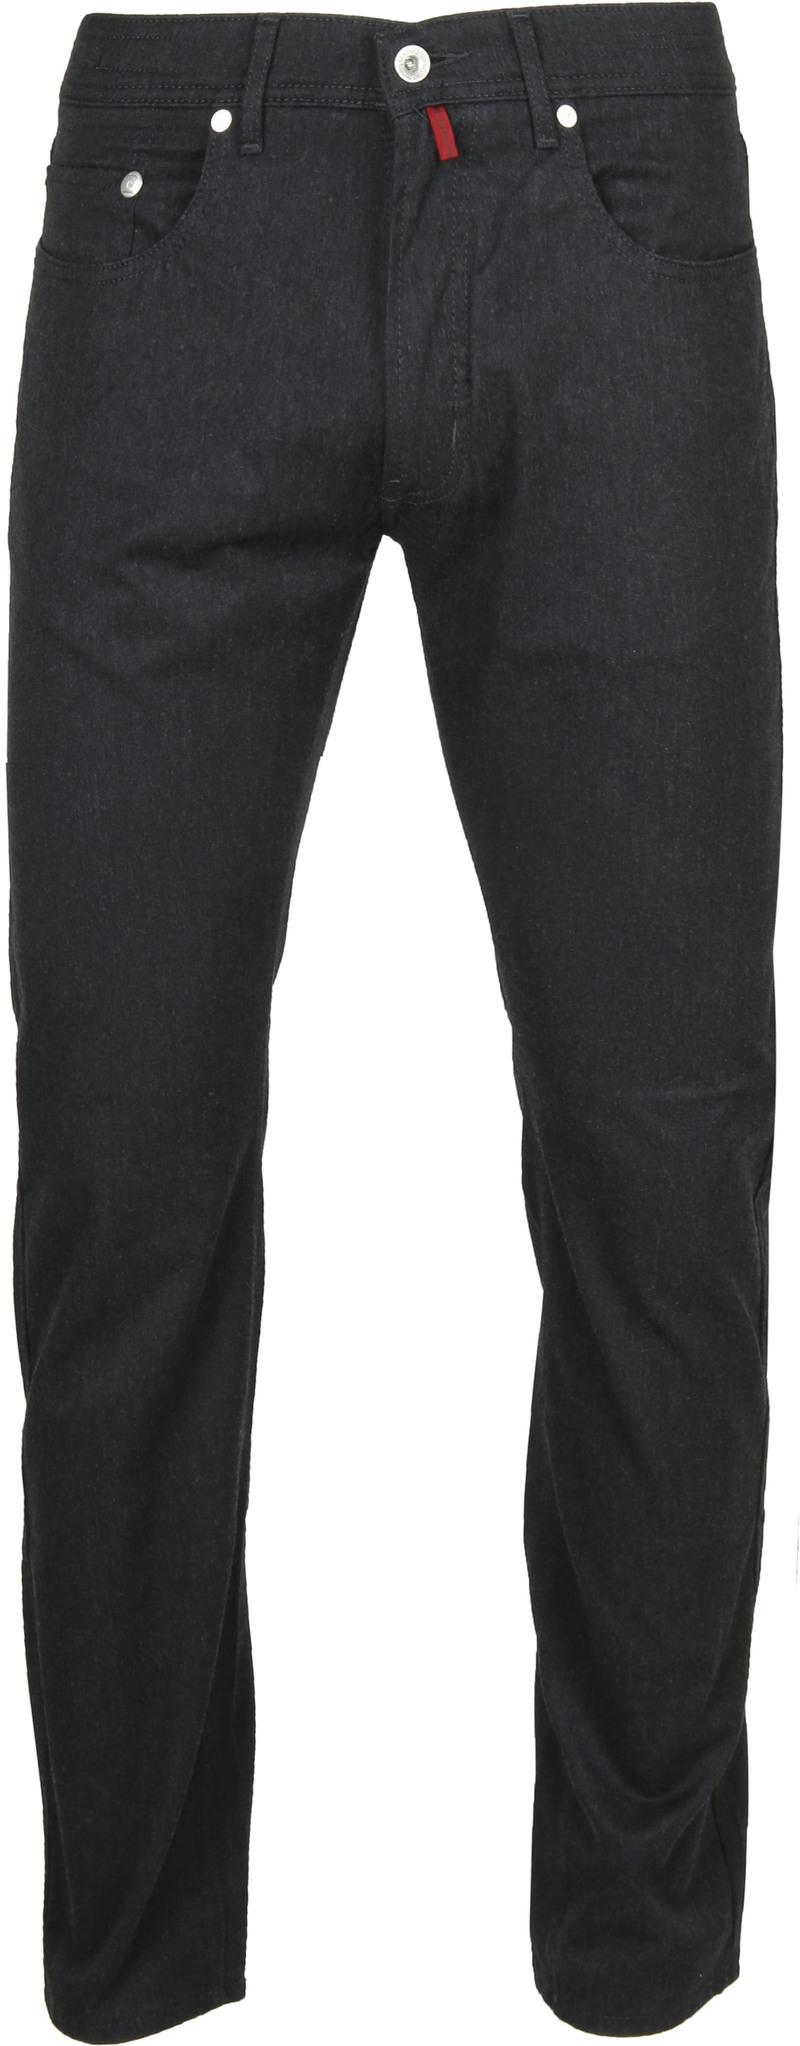 Pierre Cardin Jeans Antraciet Lyon  foto 0